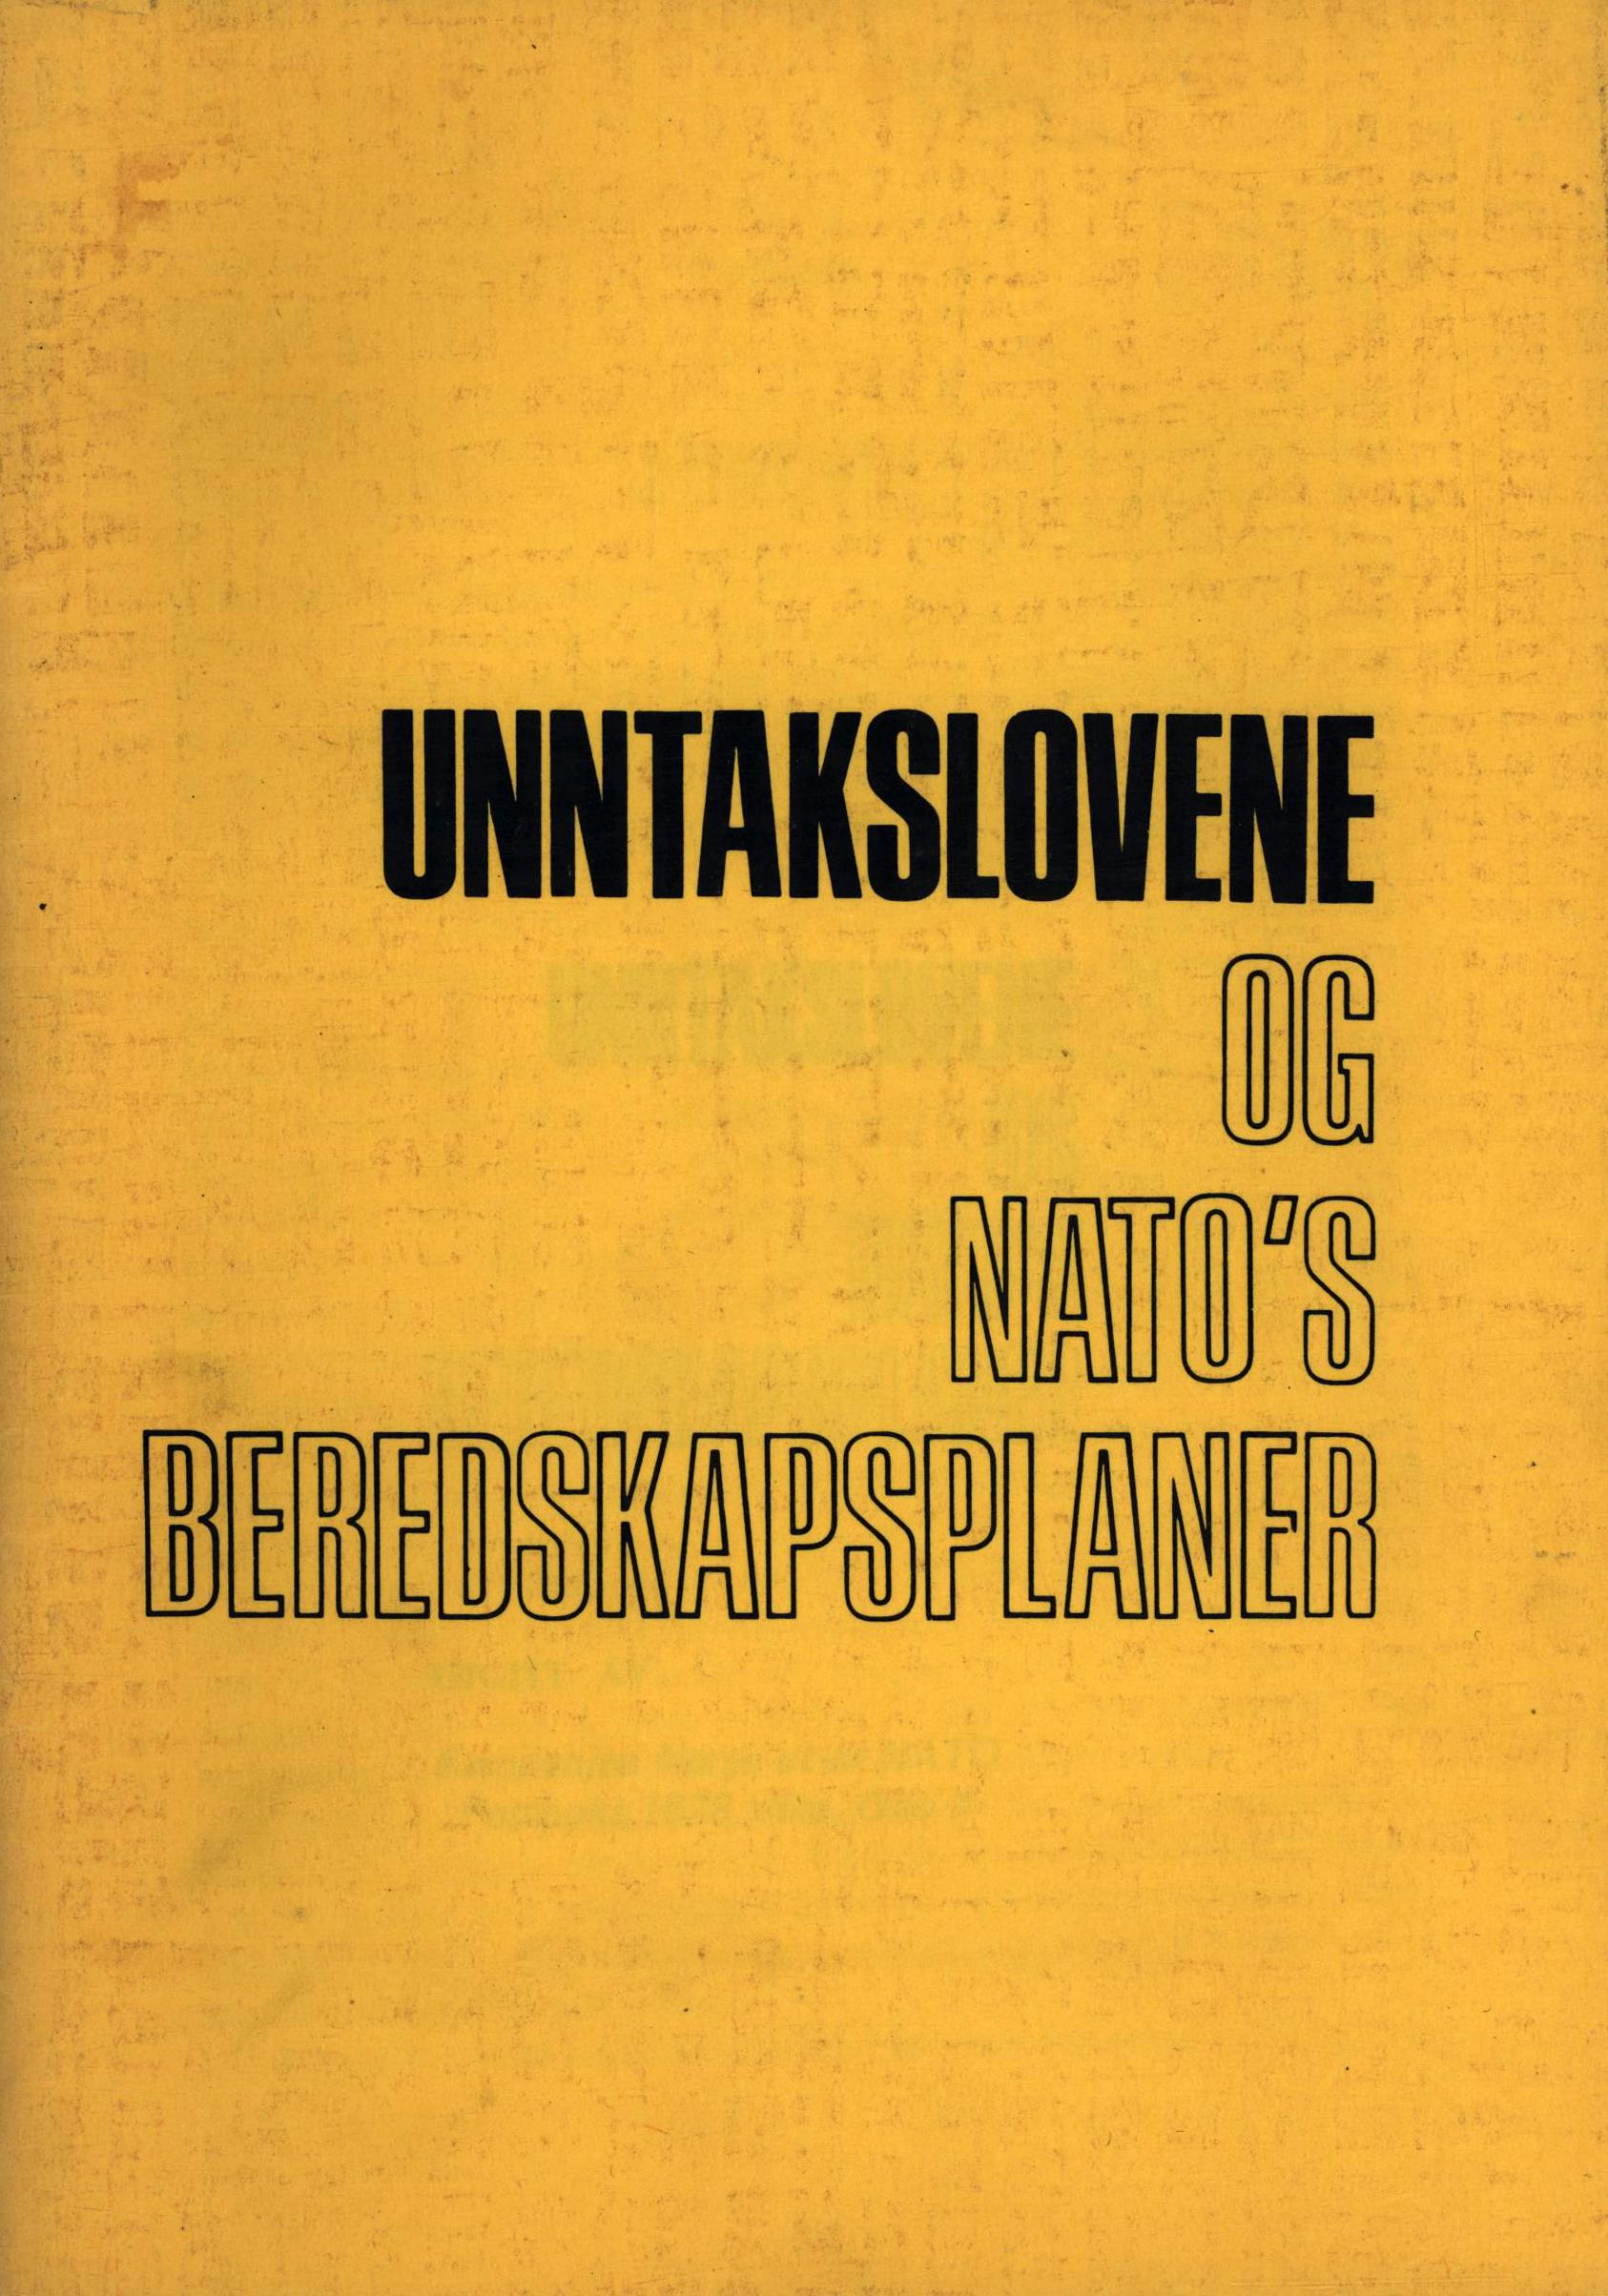 Unntakslovene og NATOs beredskapsplaner